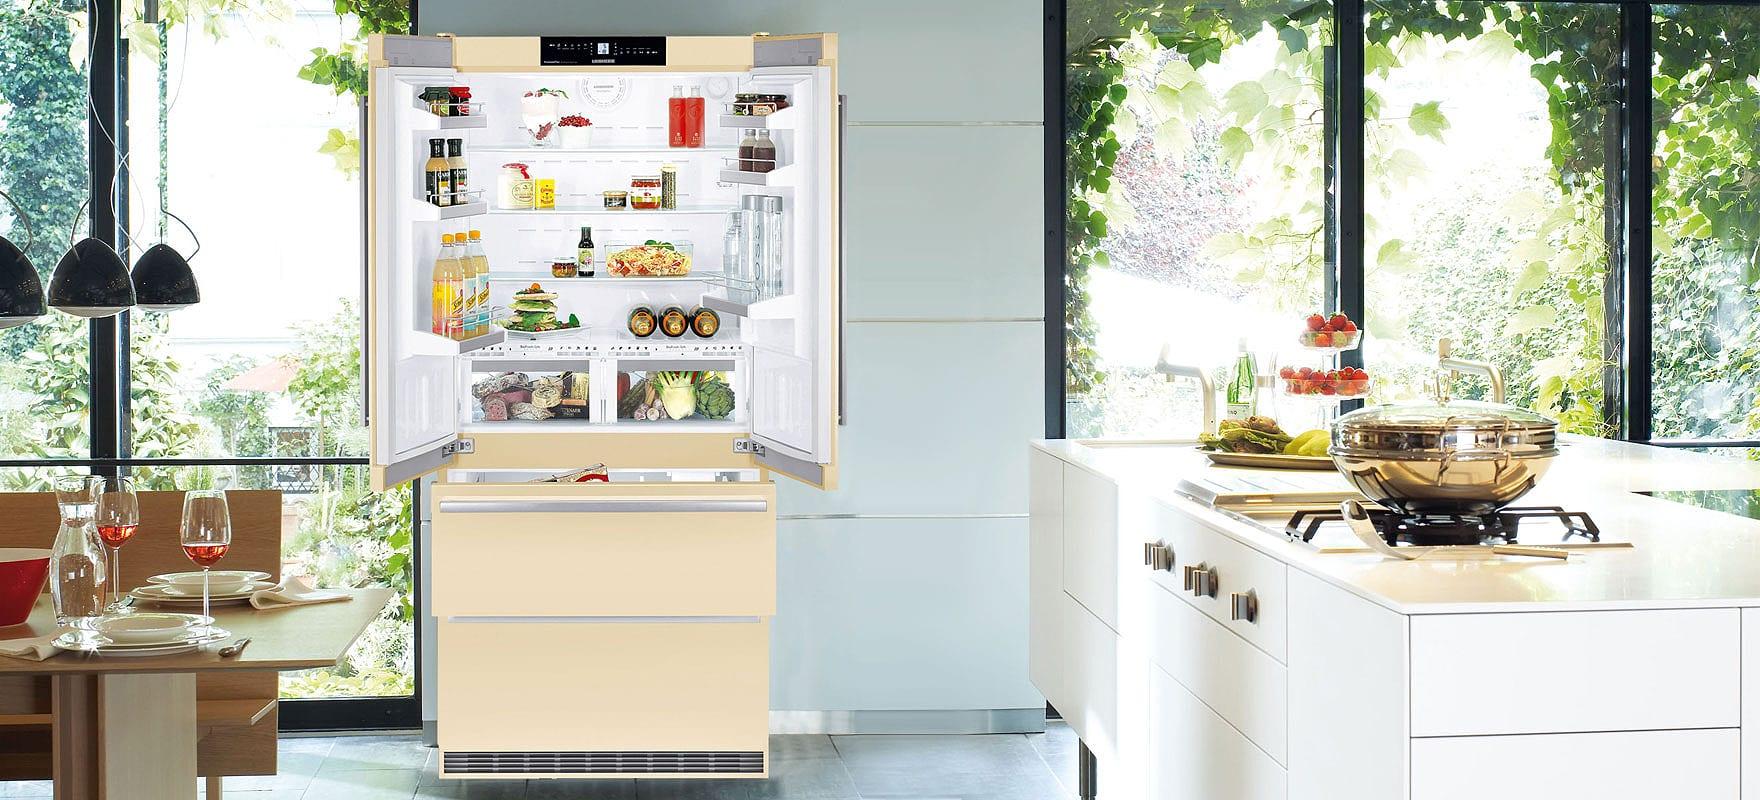 Liebherr Cbnbe 6256 холодильник с французской дверью